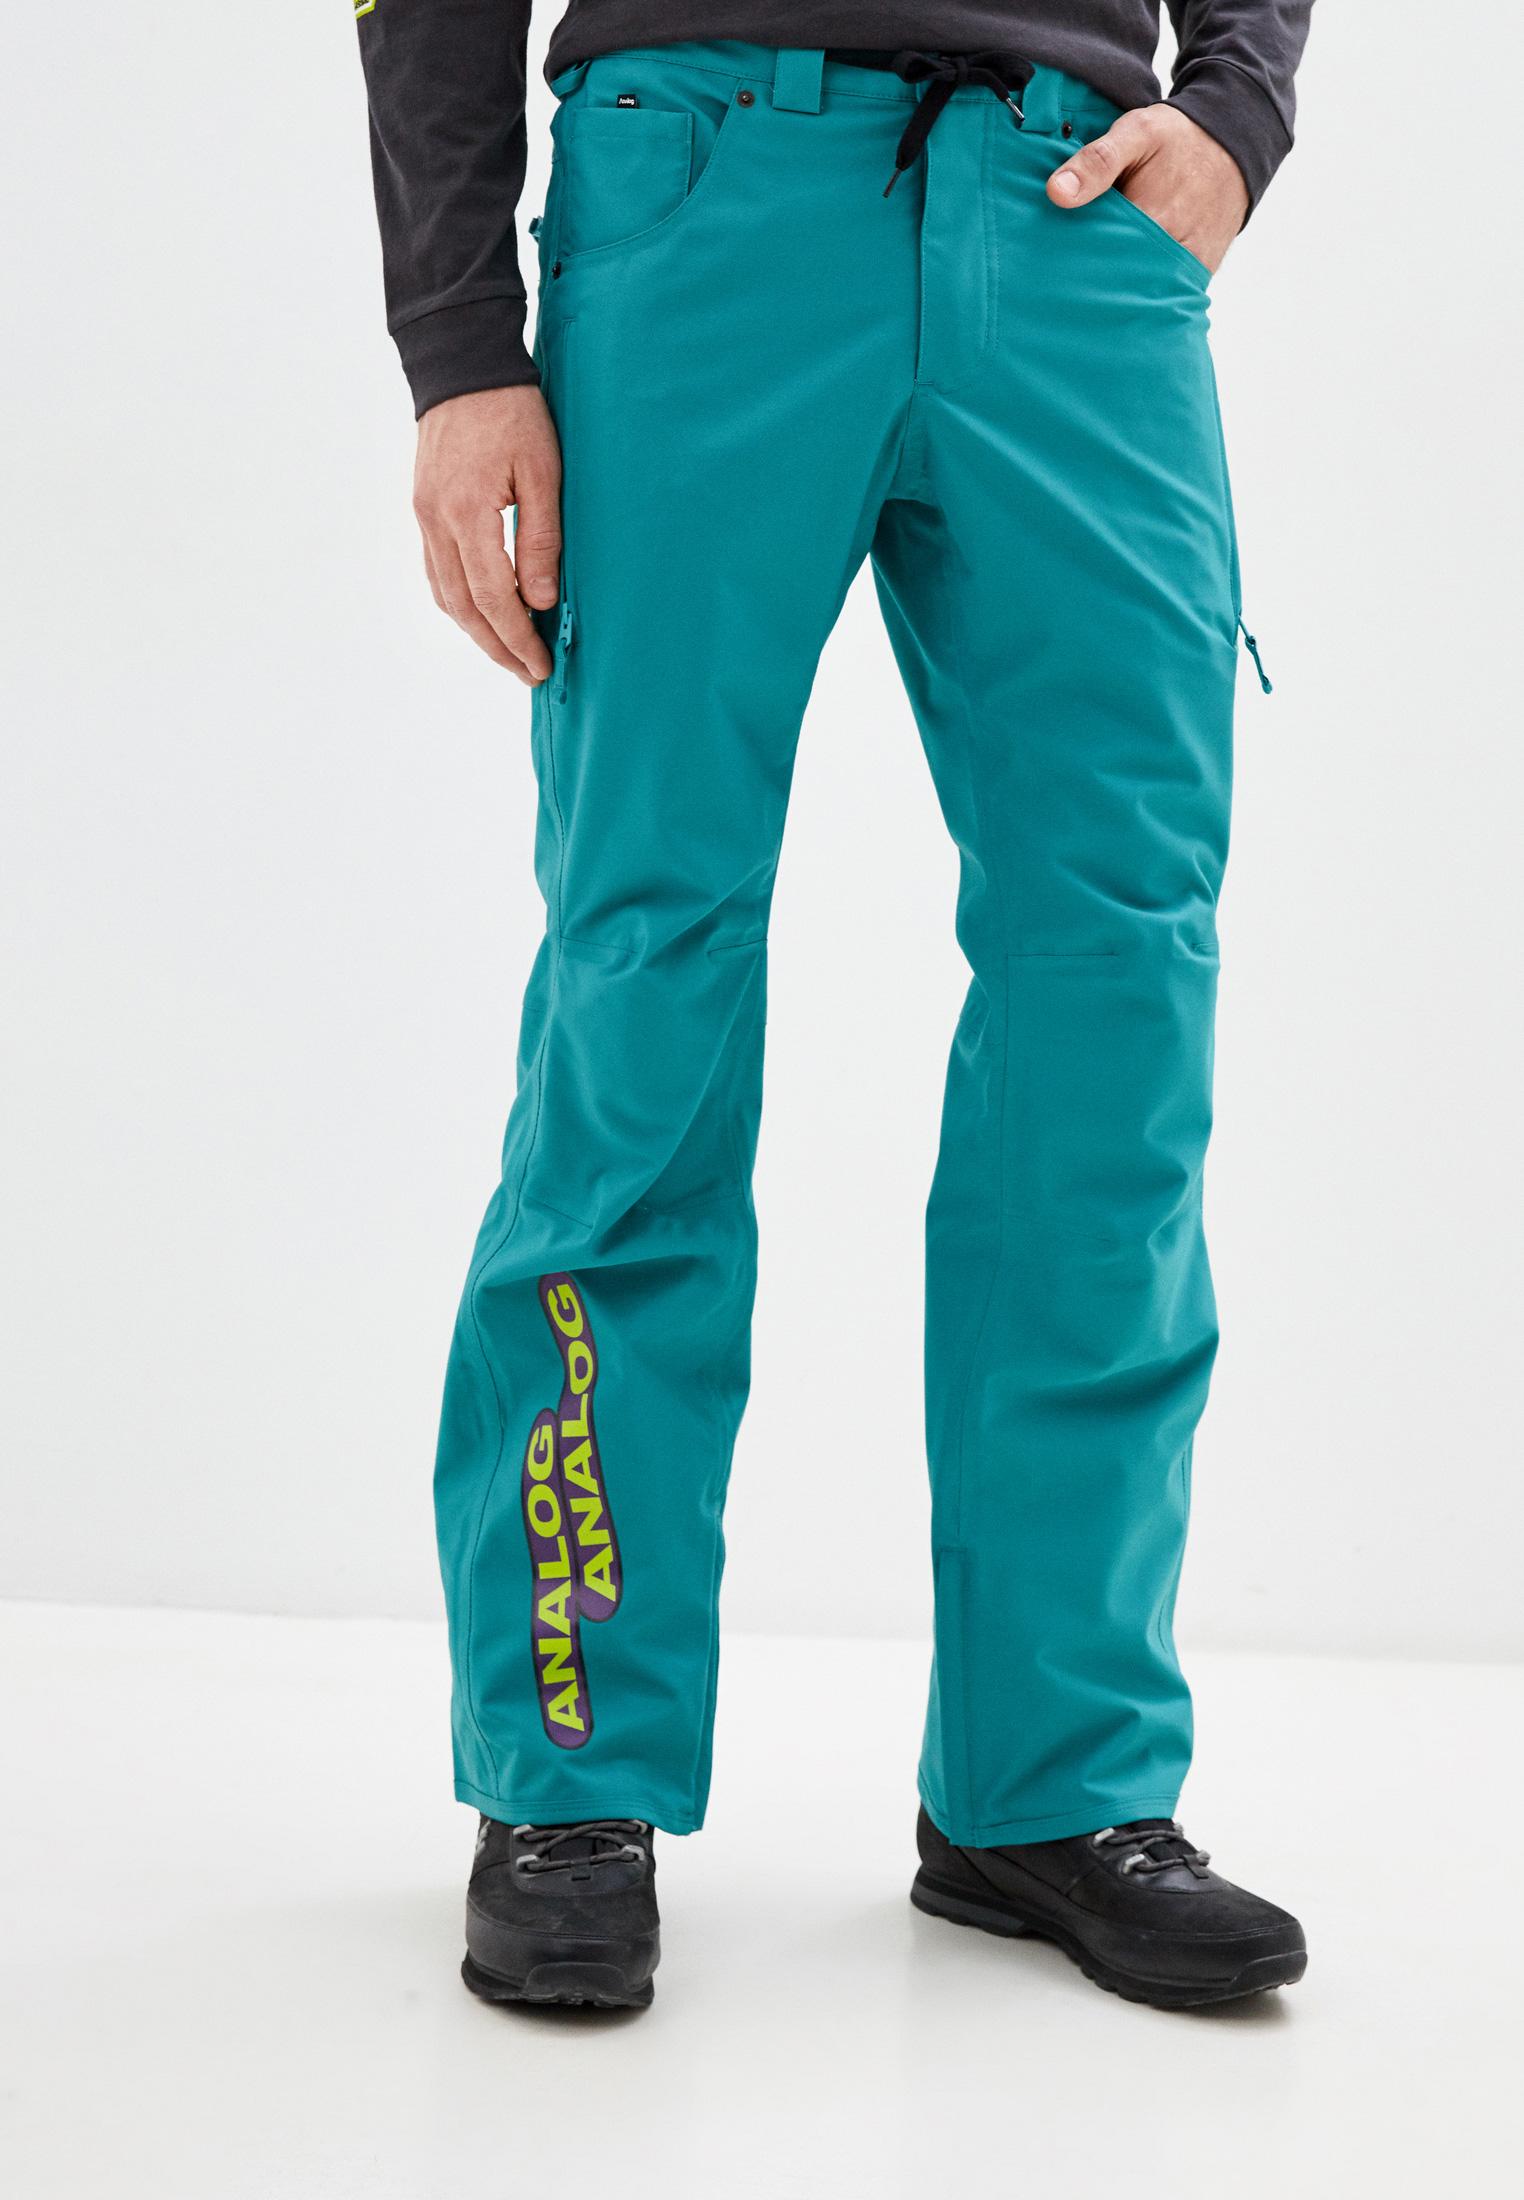 Мужские спортивные брюки Analog 21476100400